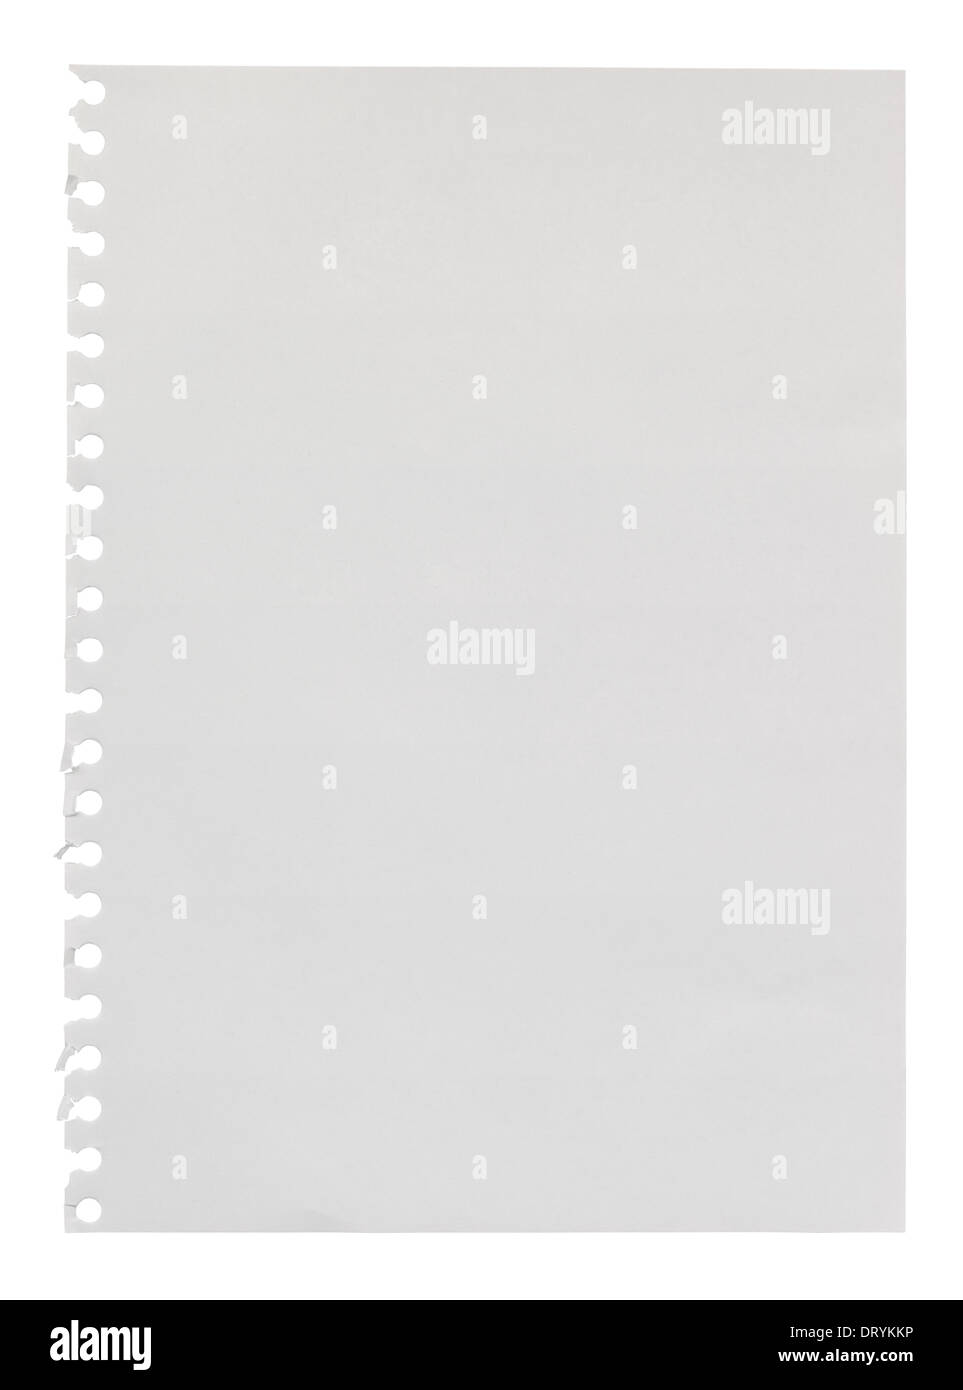 Página en blanco roto de un anillo enlazado scrapbook para utilizar como un elemento de diseño con espacio vacío su propio mensaje personalizado Imagen De Stock